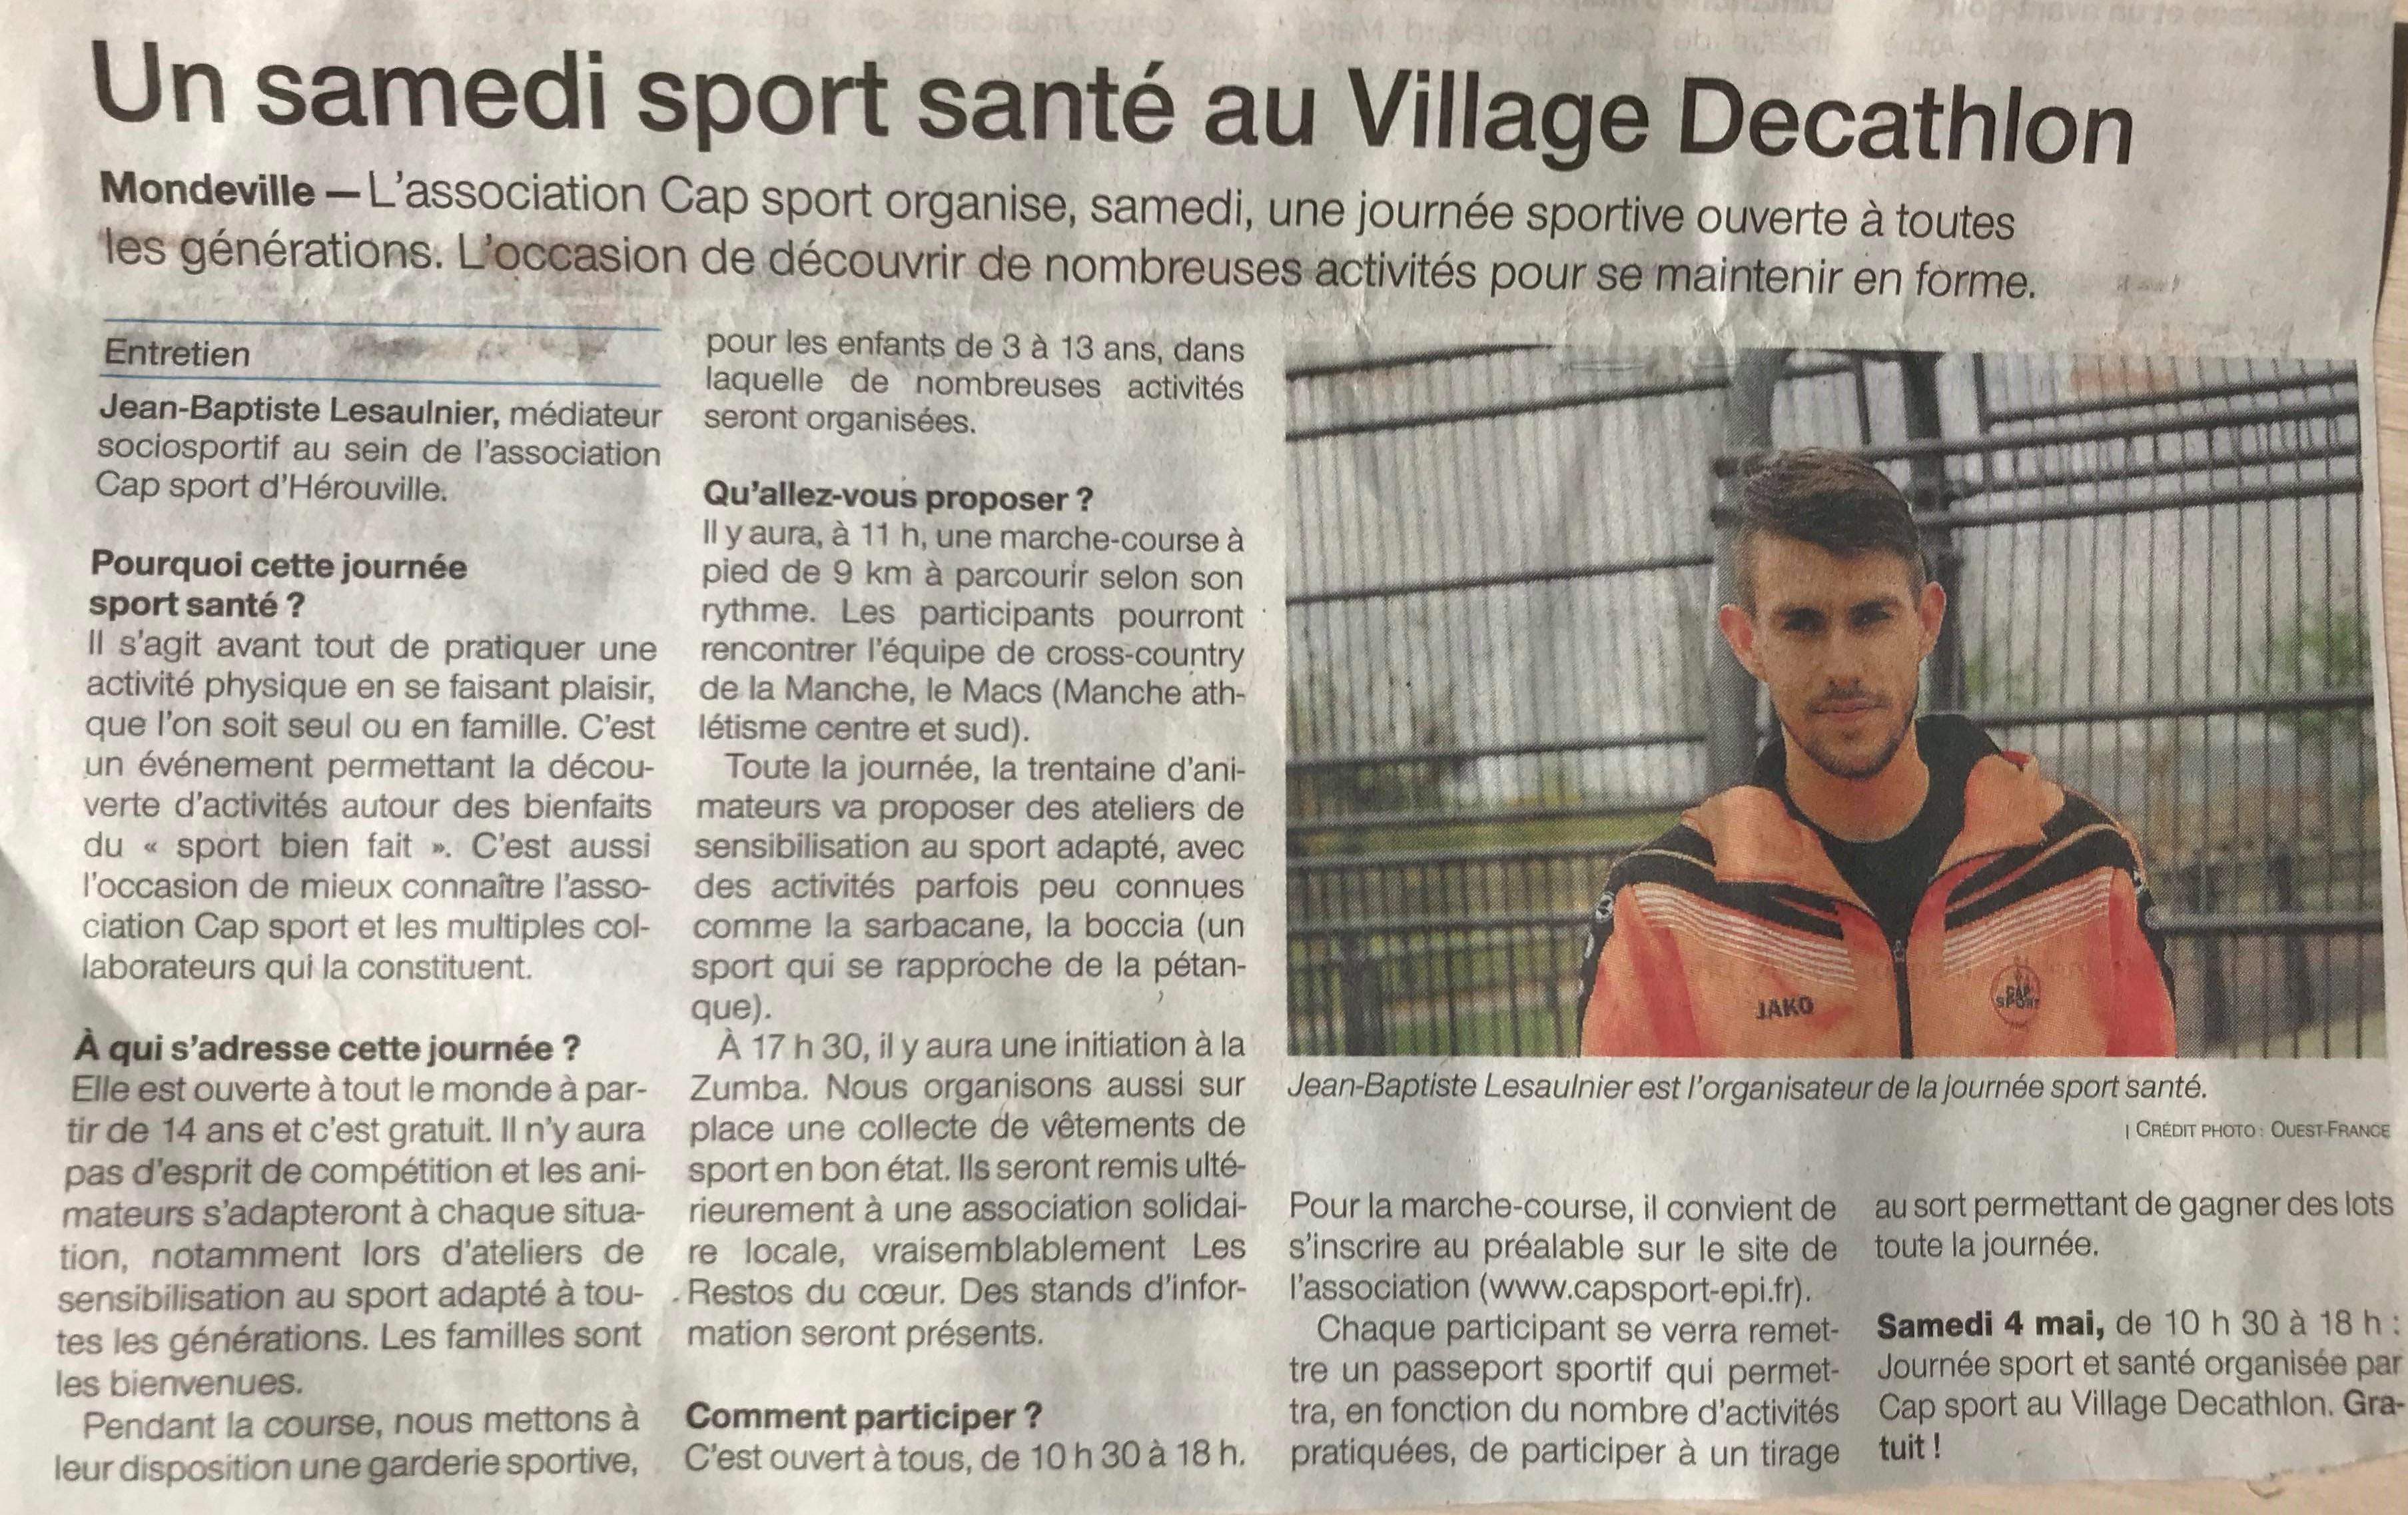 Un samedi sport santé au Village Decathlon